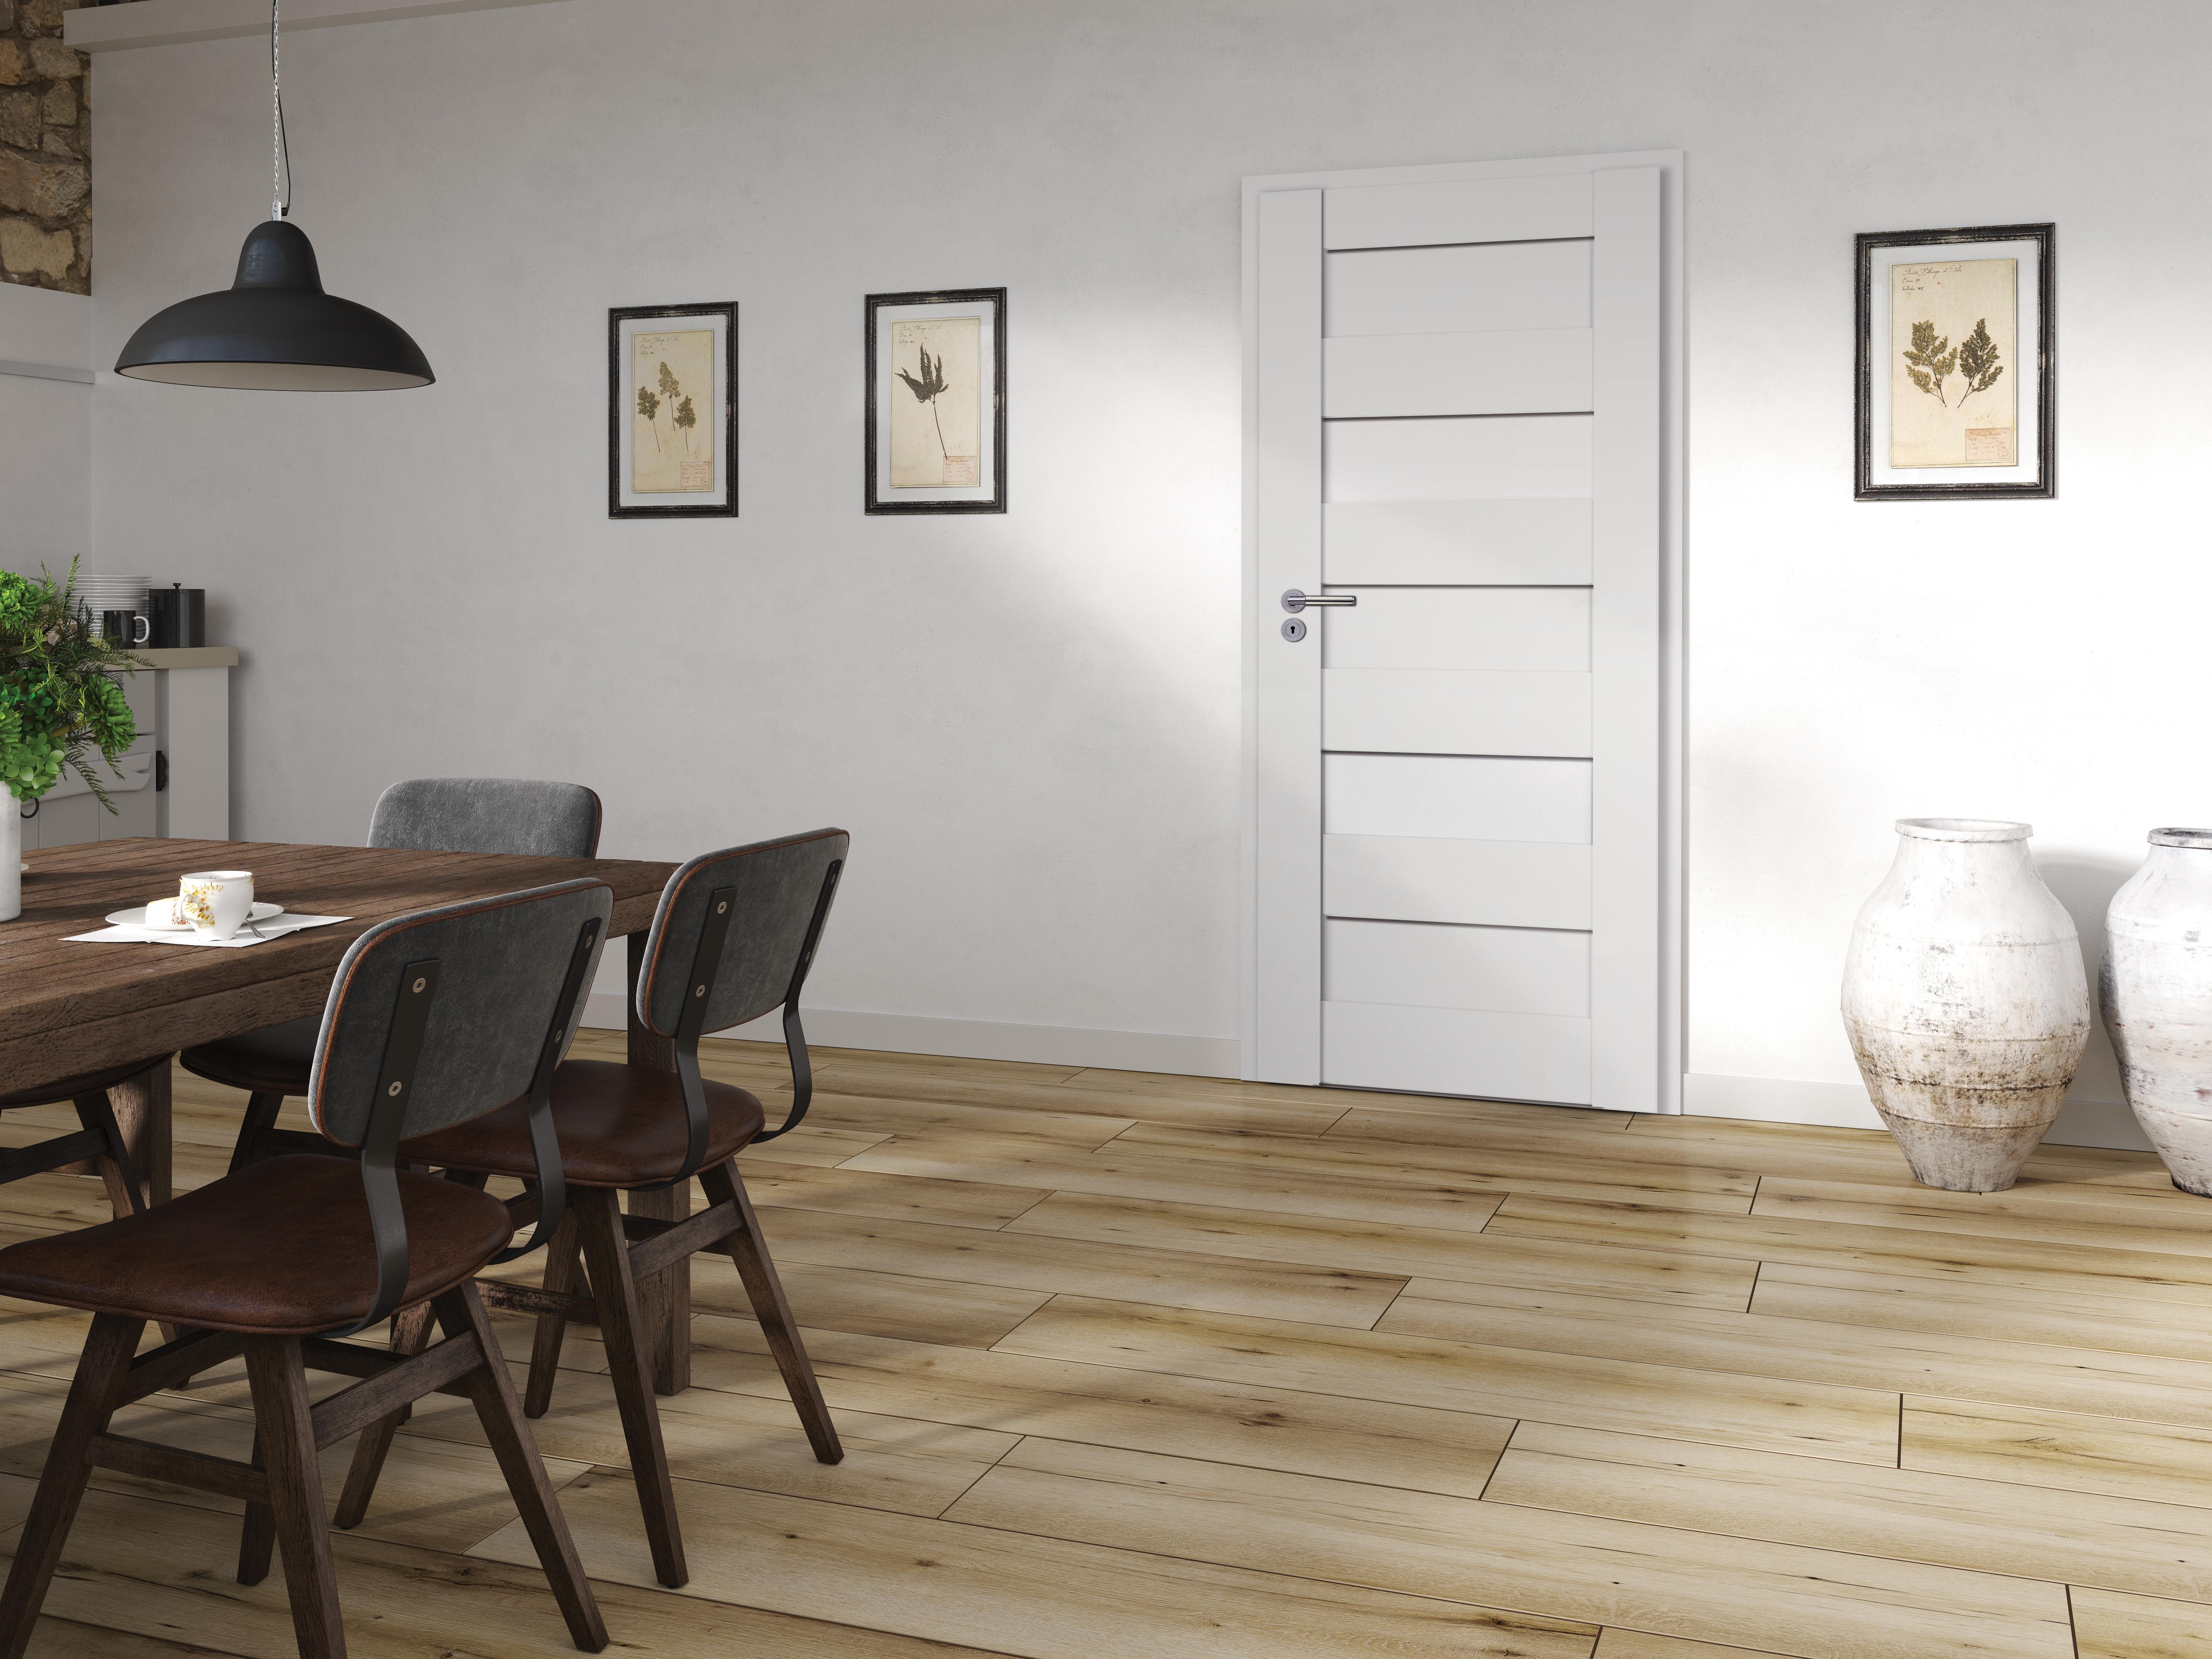 drzwi-ramowe-ozdoba-klasycznych-wnetrz